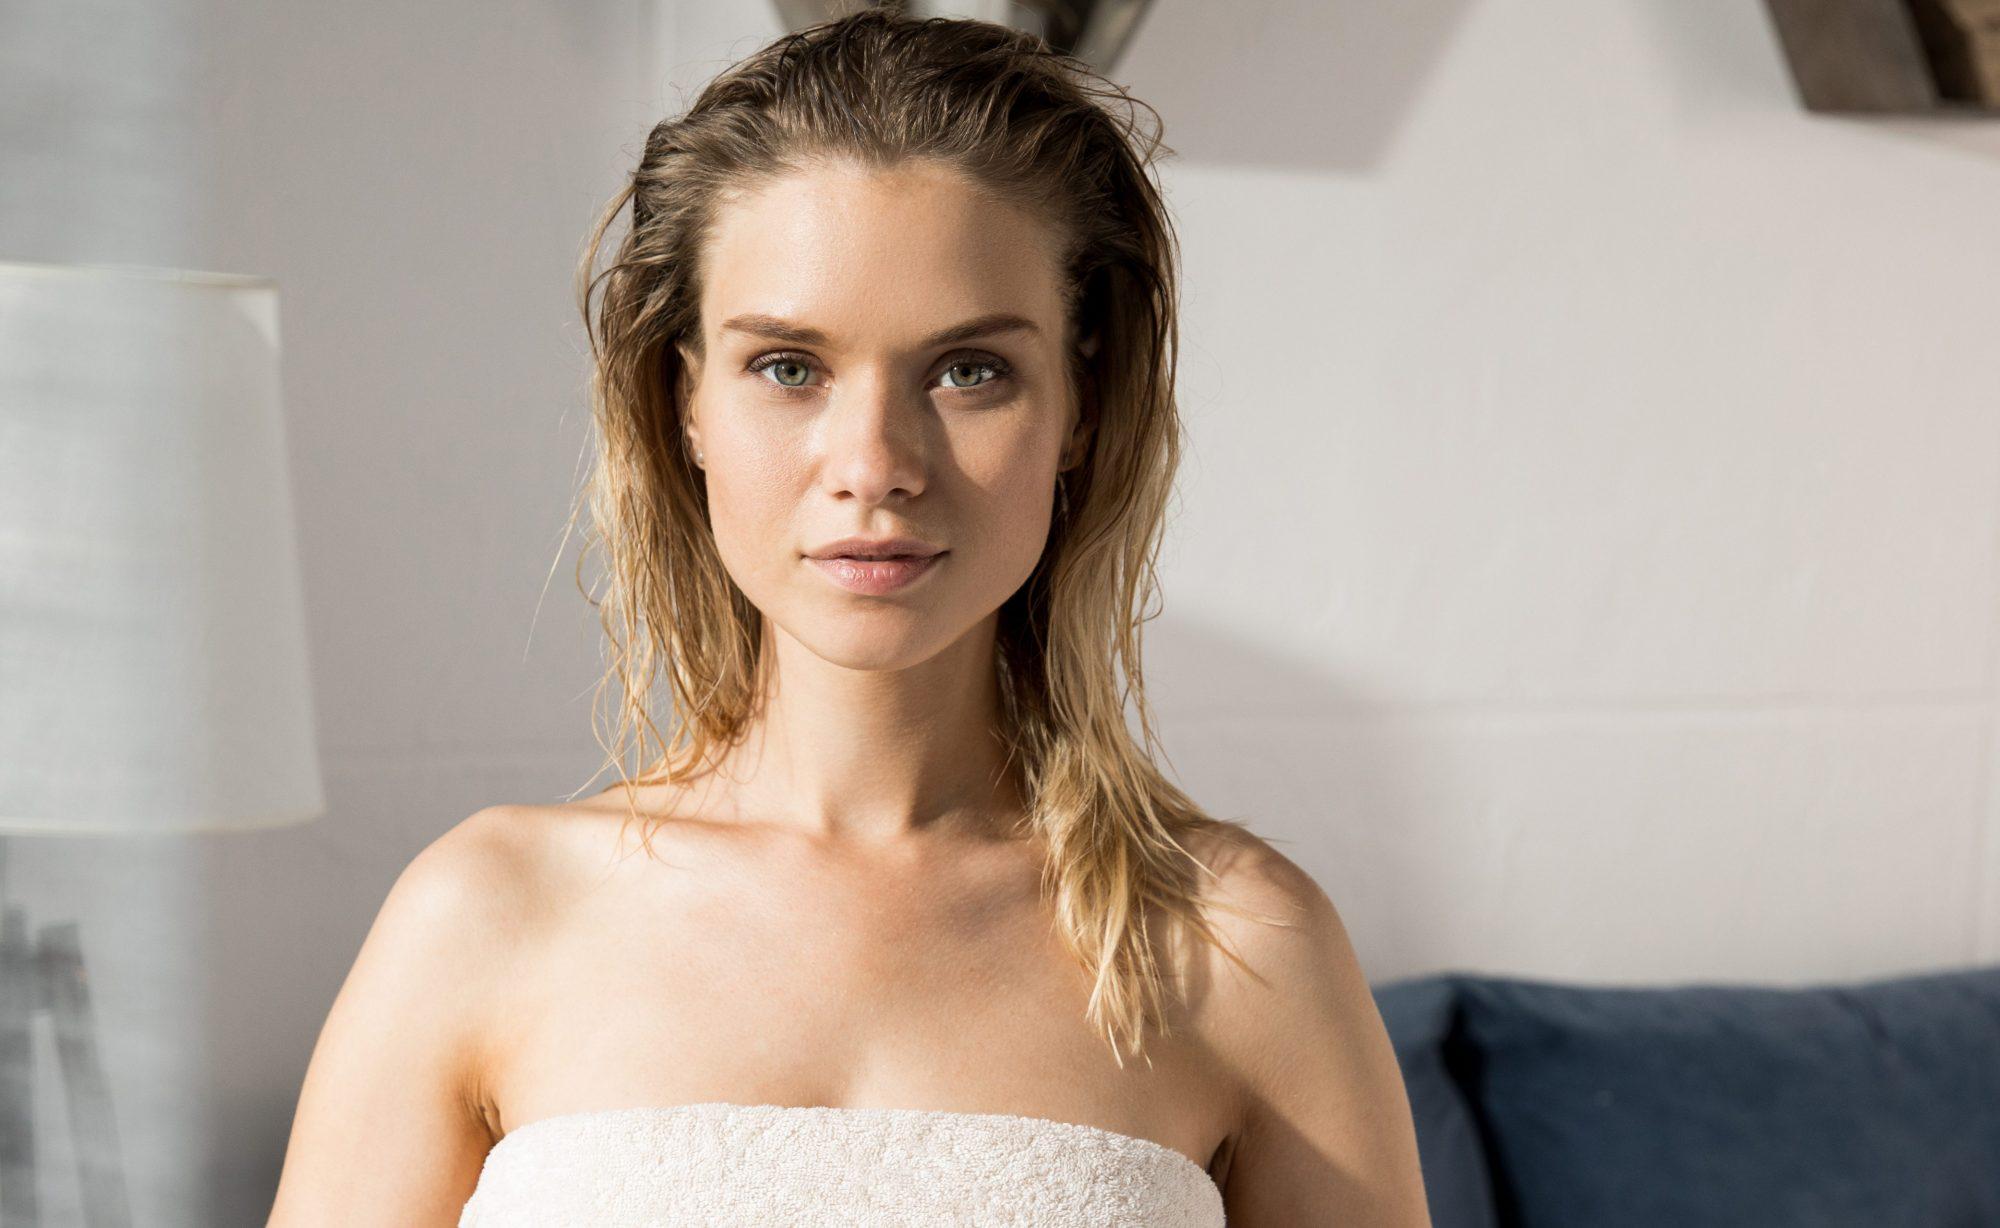 Como usar xampu seco para ficar com o cabelo limpo sem precisar lavar